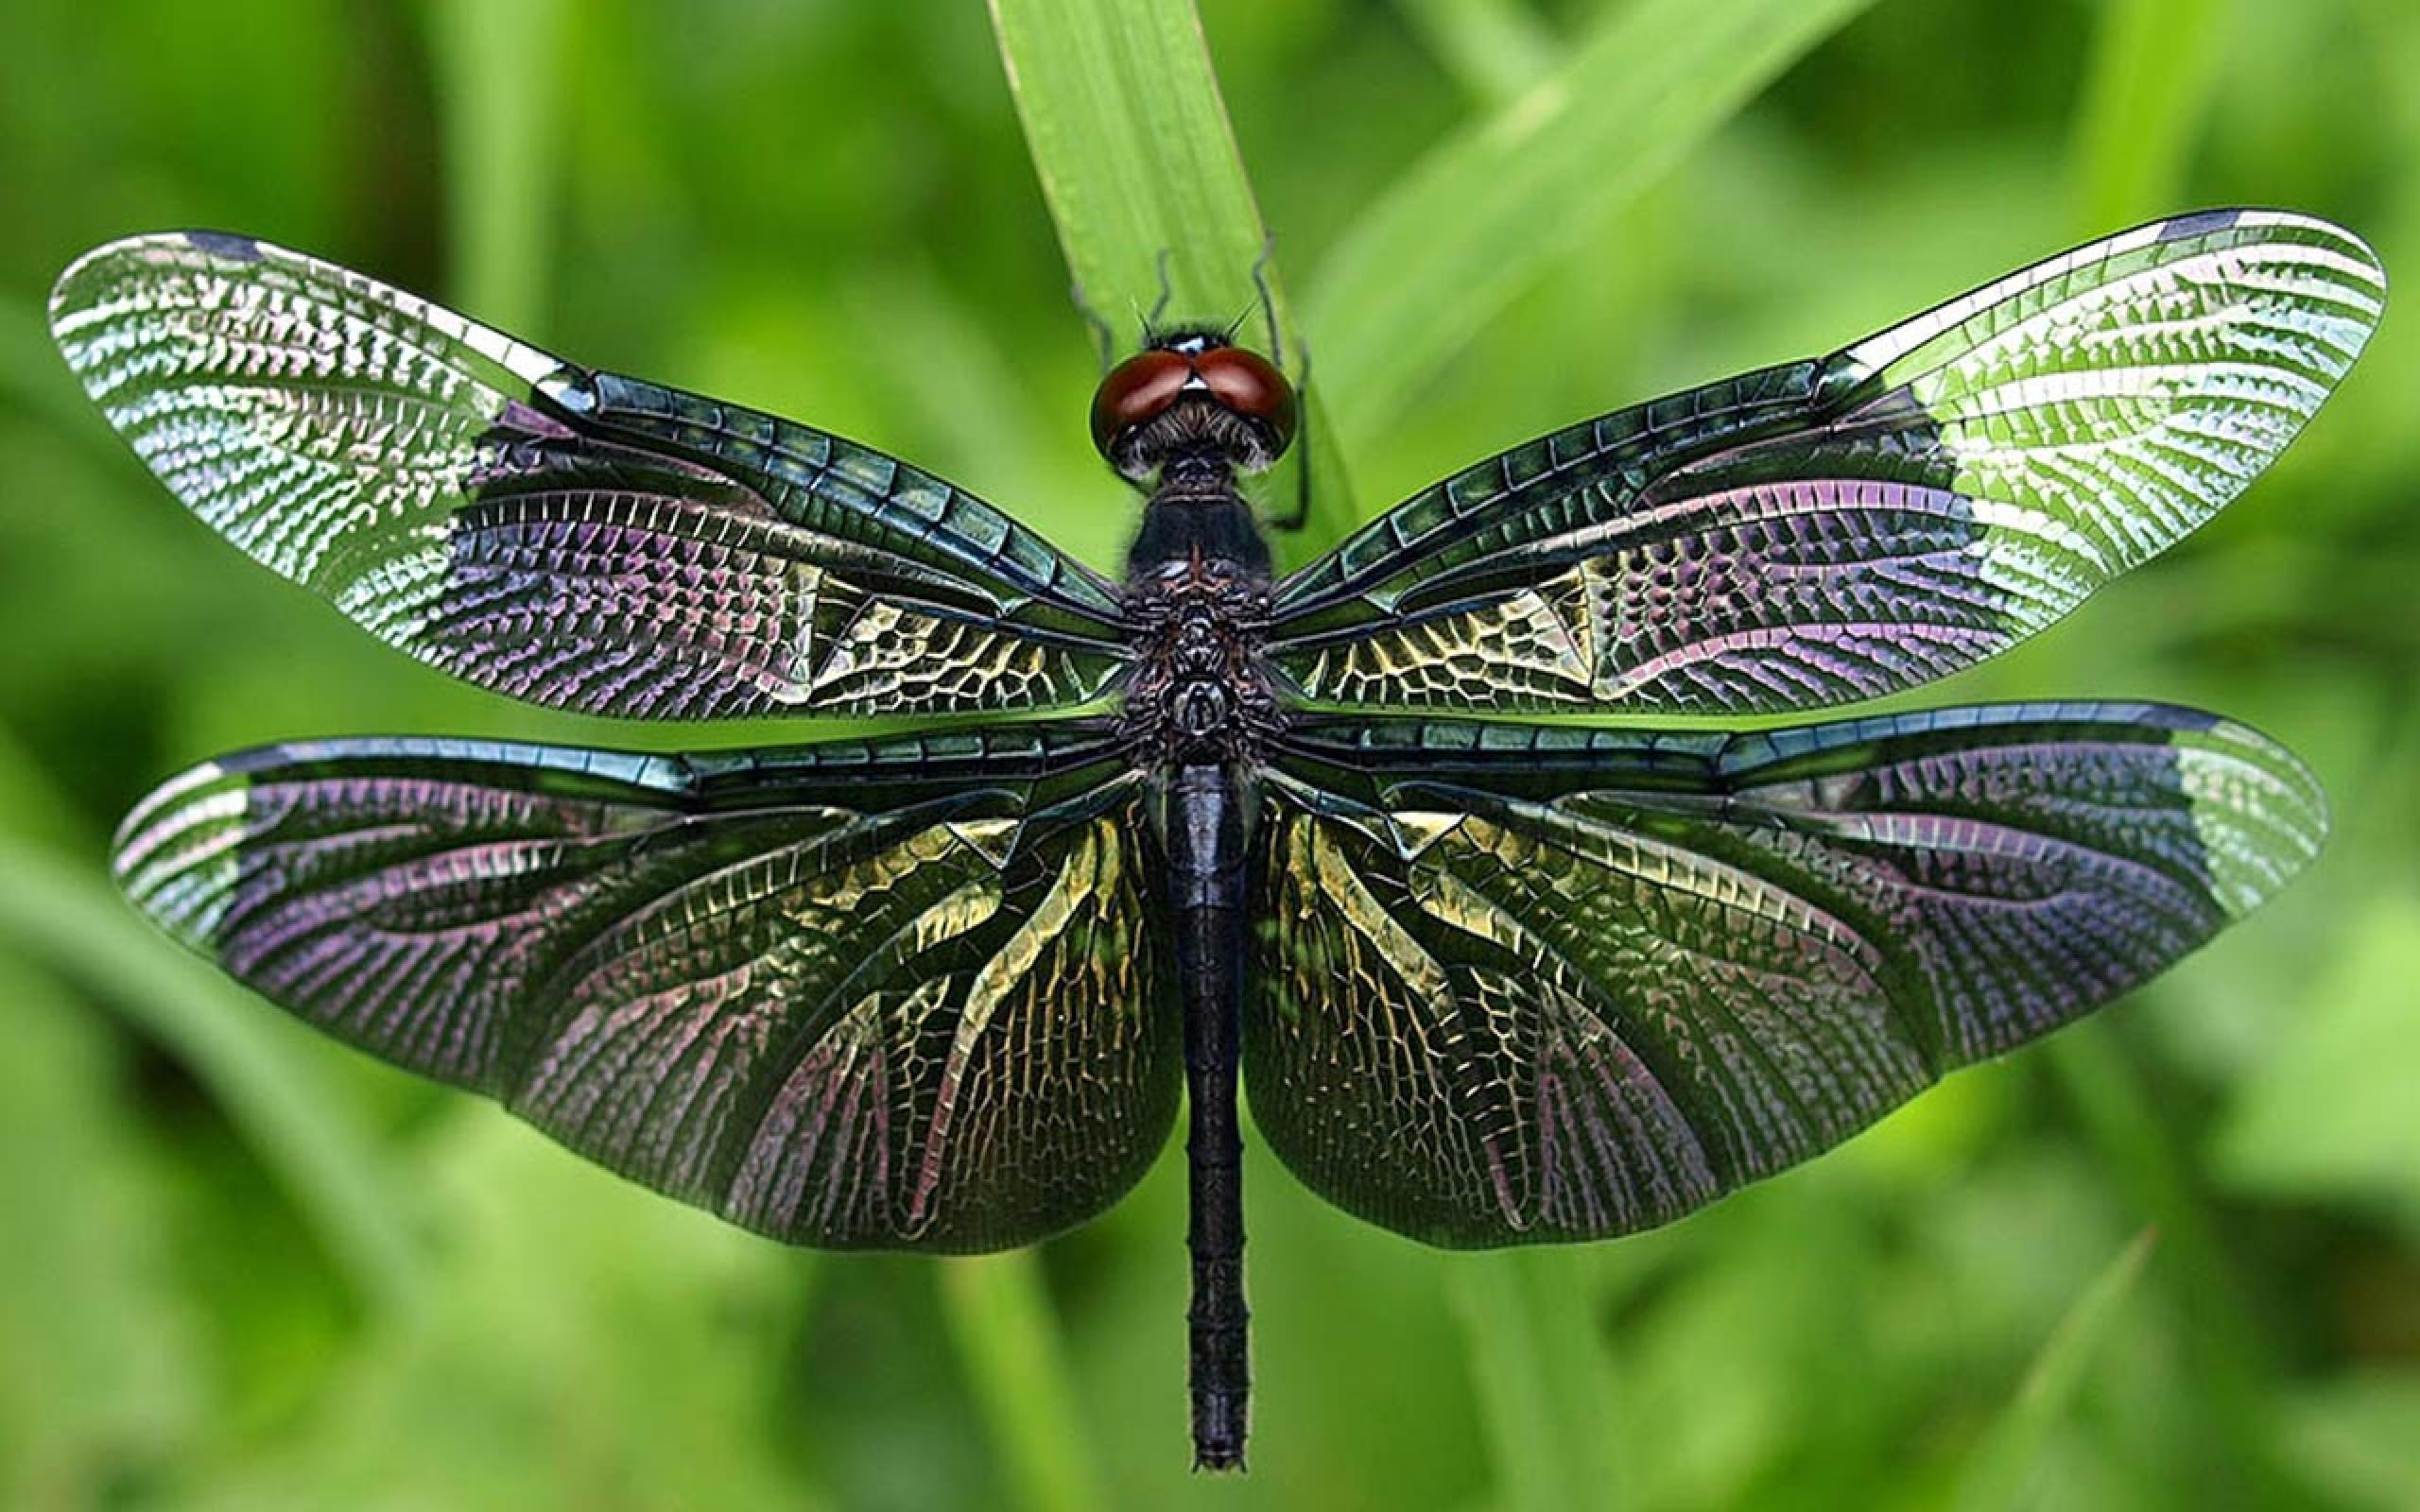 Спроектирован проект посозданию насекомых-киборгов— Ученые